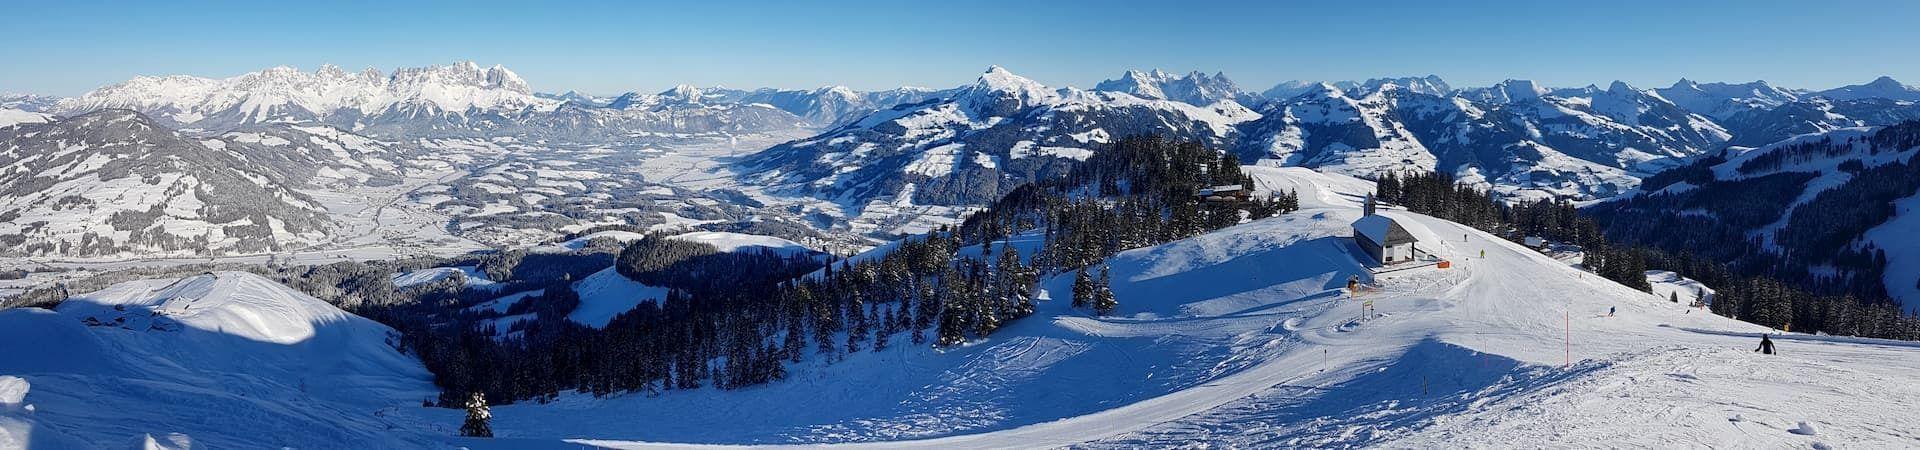 Austria: la capitale delle Alpi Innsbruck e le piste da sci di Kitzbühel